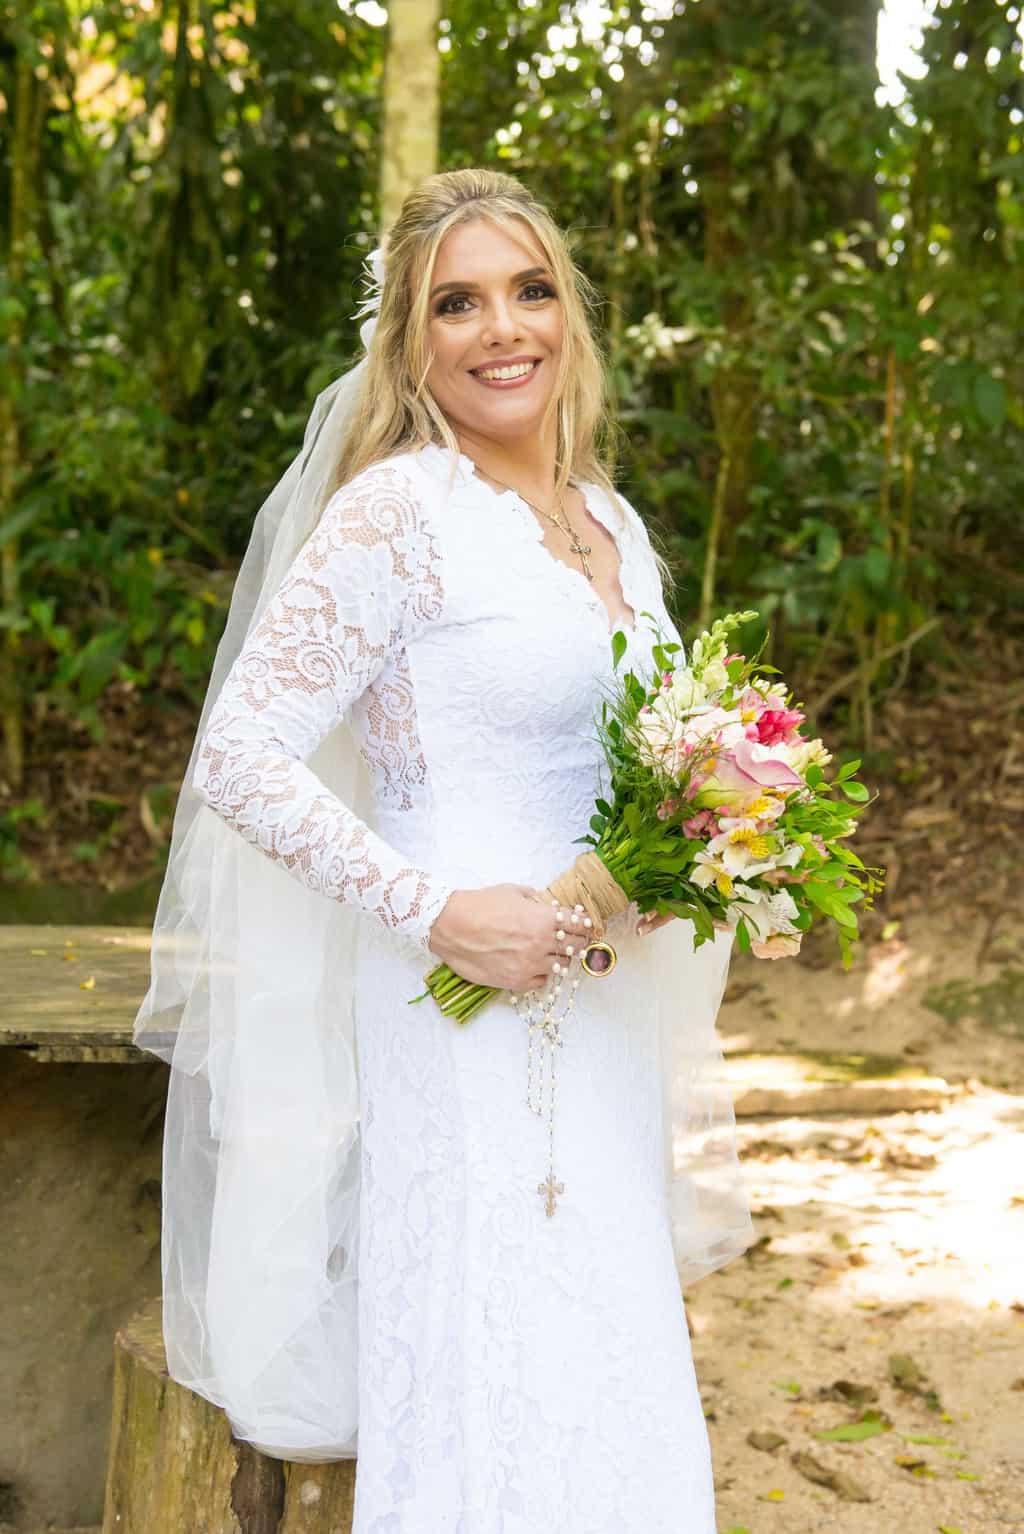 beleza-da-noiva-casamento-religioso-Casamento-Roberta-e-Angelo-Danielle-Loureiro60